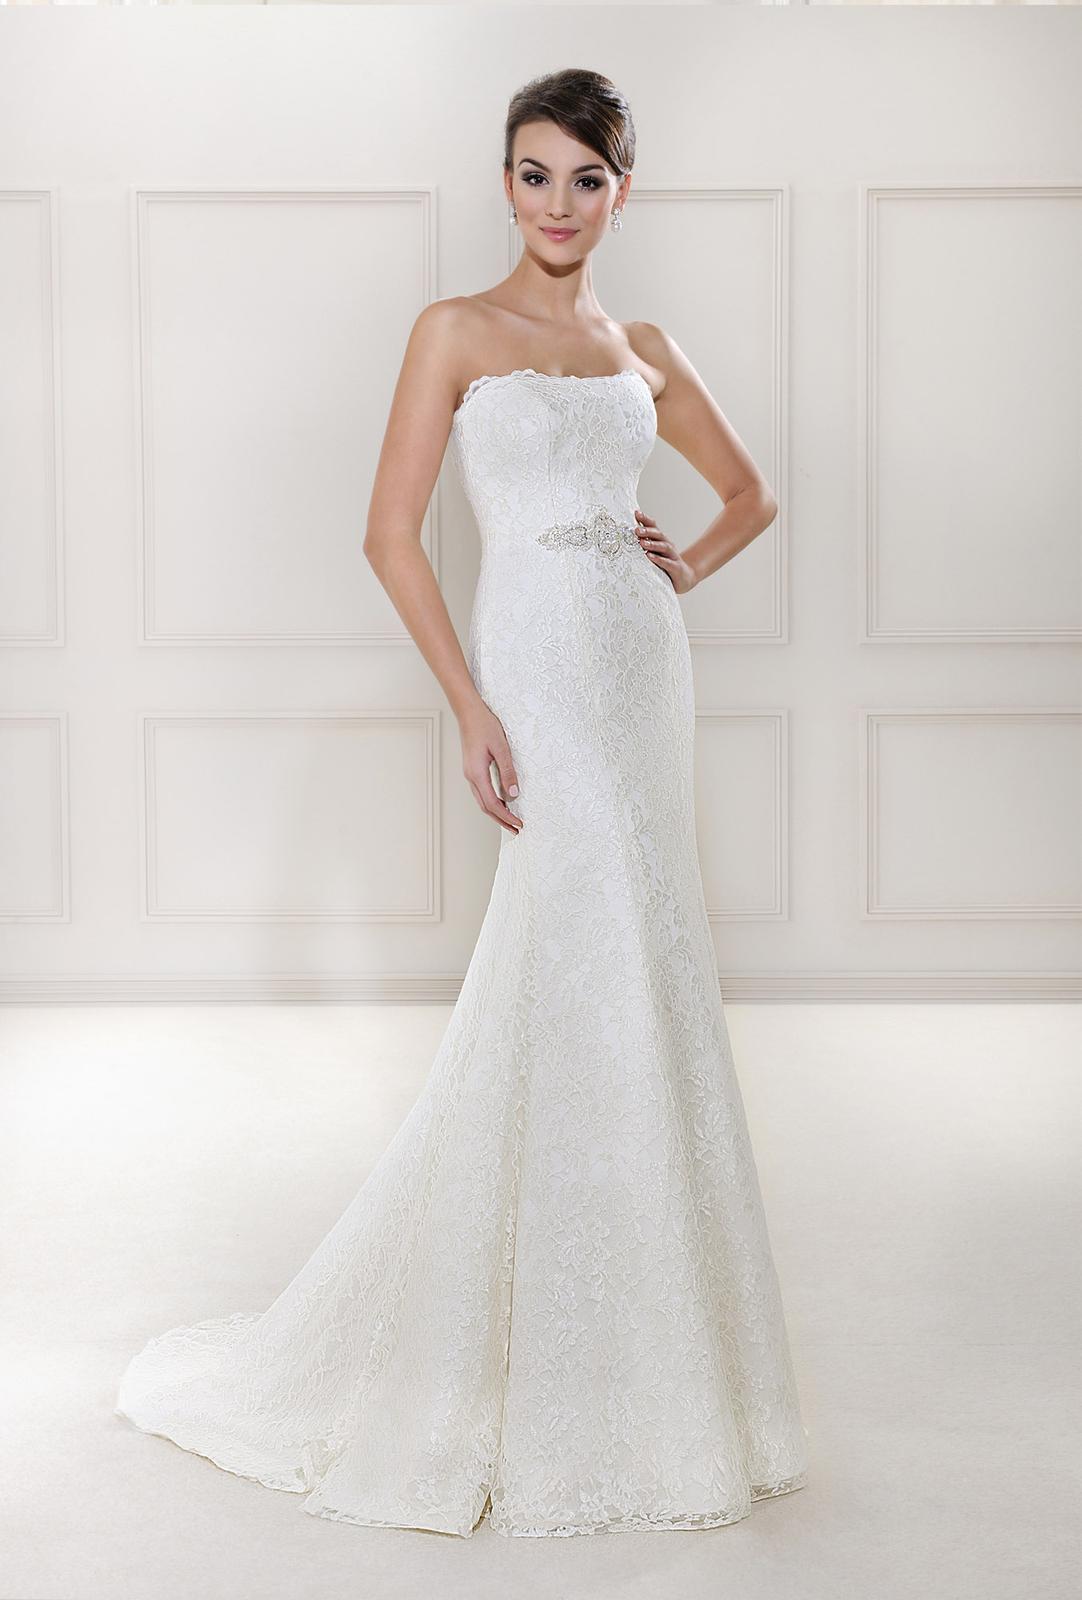 Svadobný a spoločenský salón WEDA - Agnes Bridal Dream 12001, v salóne vo veľkosti 36 biele